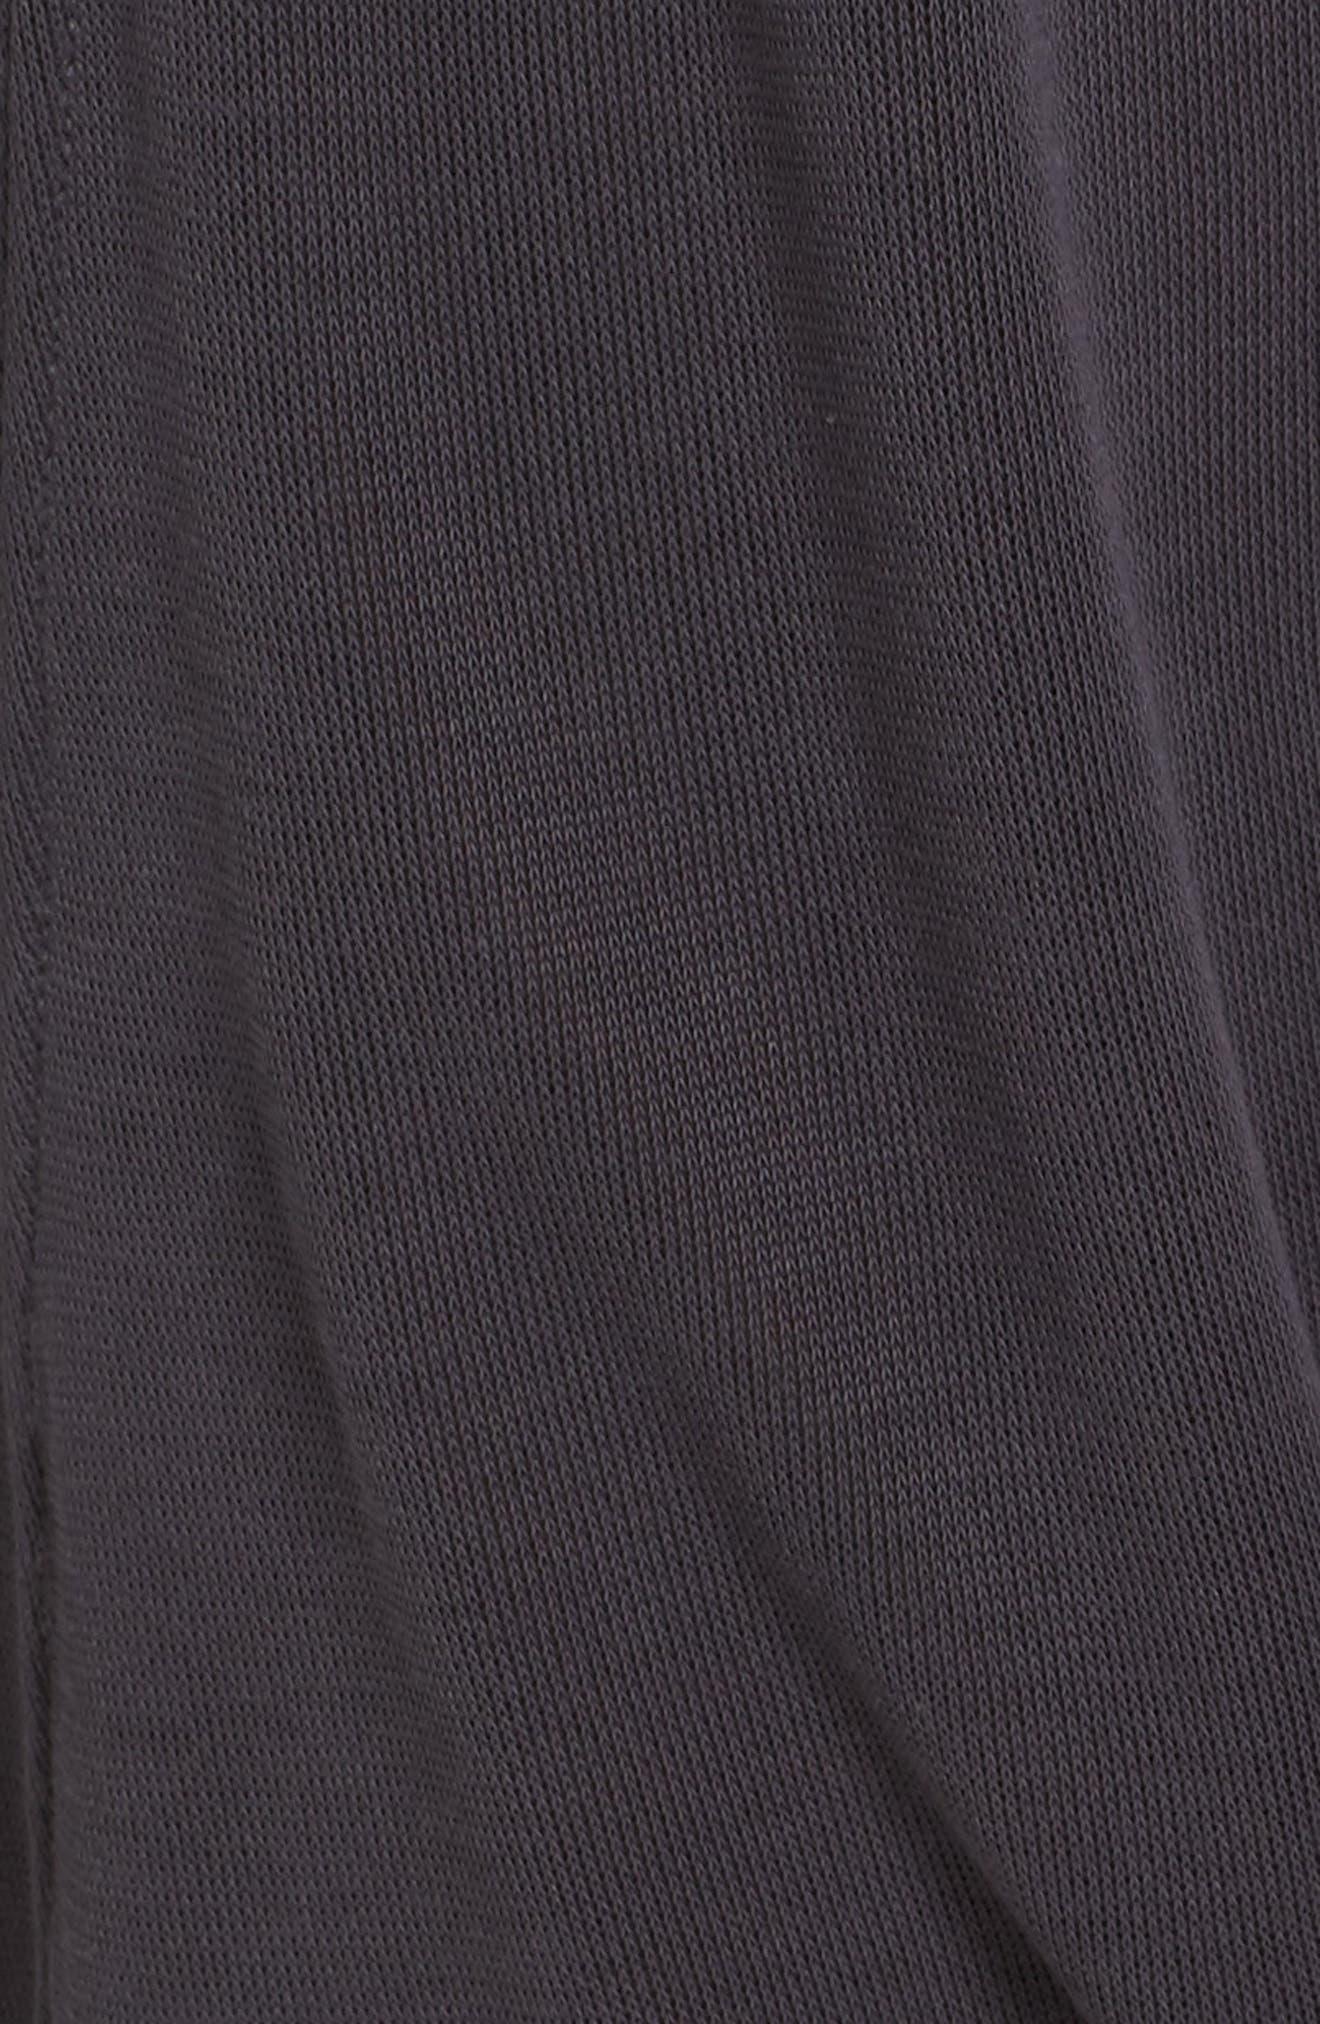 Just Like That Harem Pants,                             Alternate thumbnail 5, color,                             BLACK